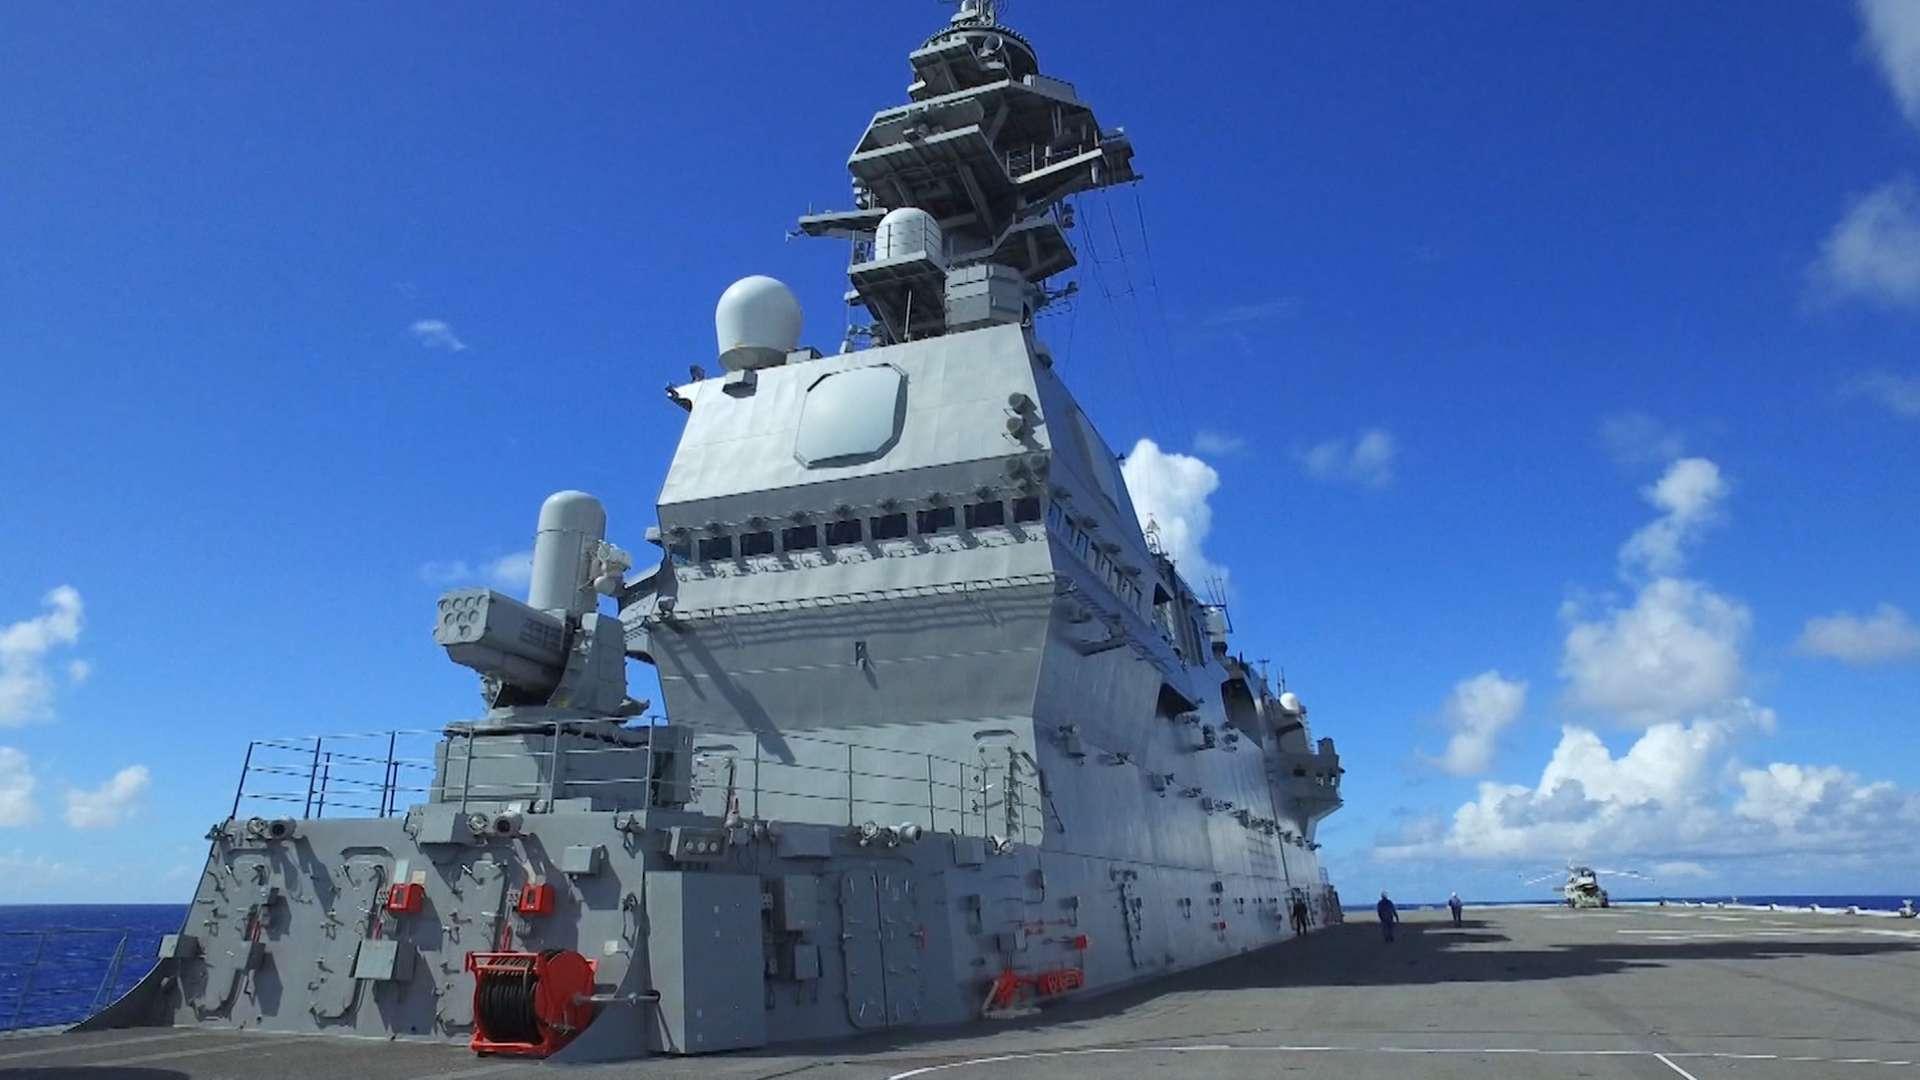 ヘリコプター搭載護衛艦 DDHいずも 最新最大の護衛艦